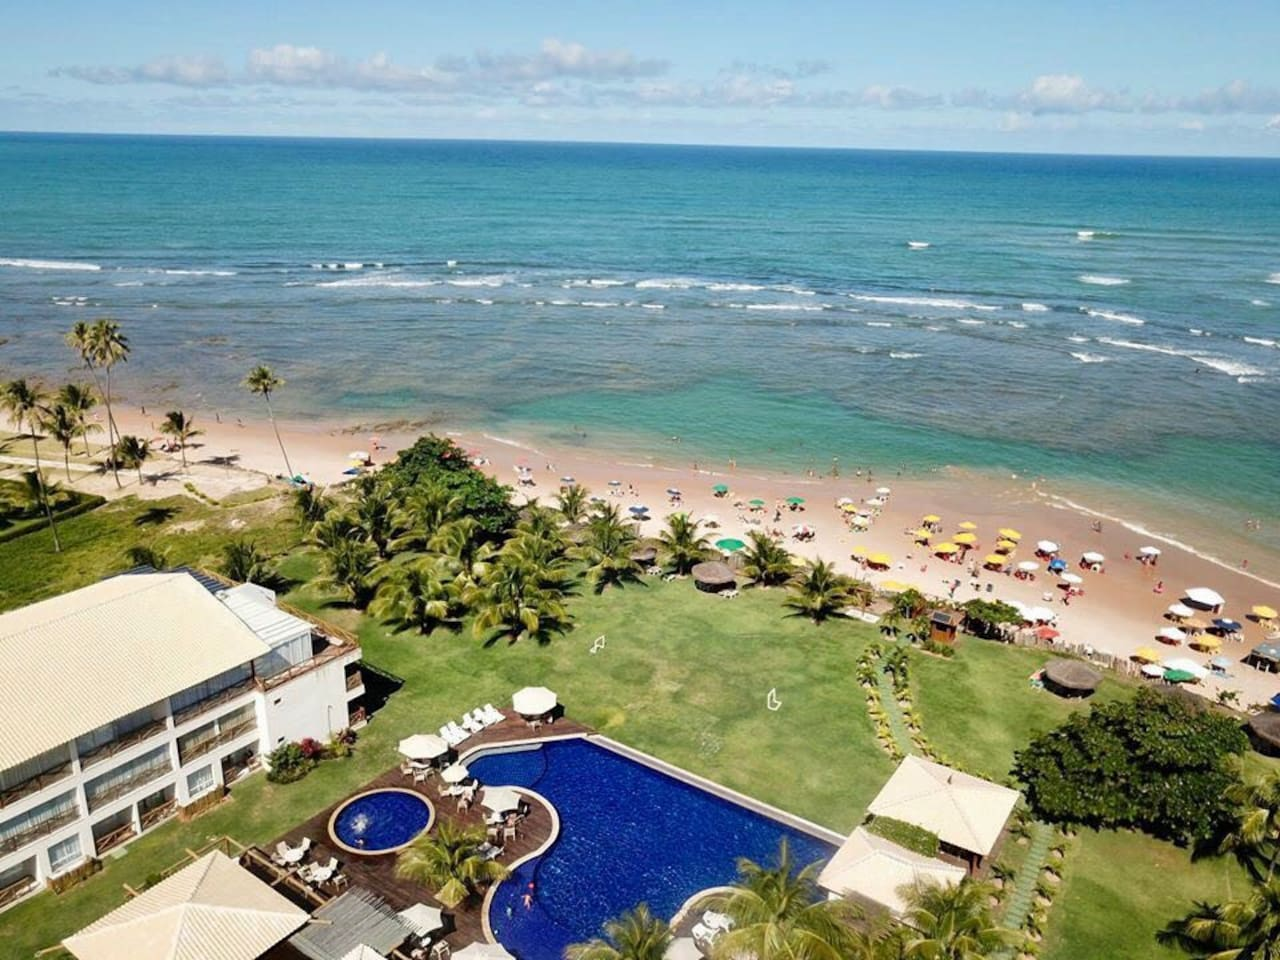 Vista aérea do condominio/praia